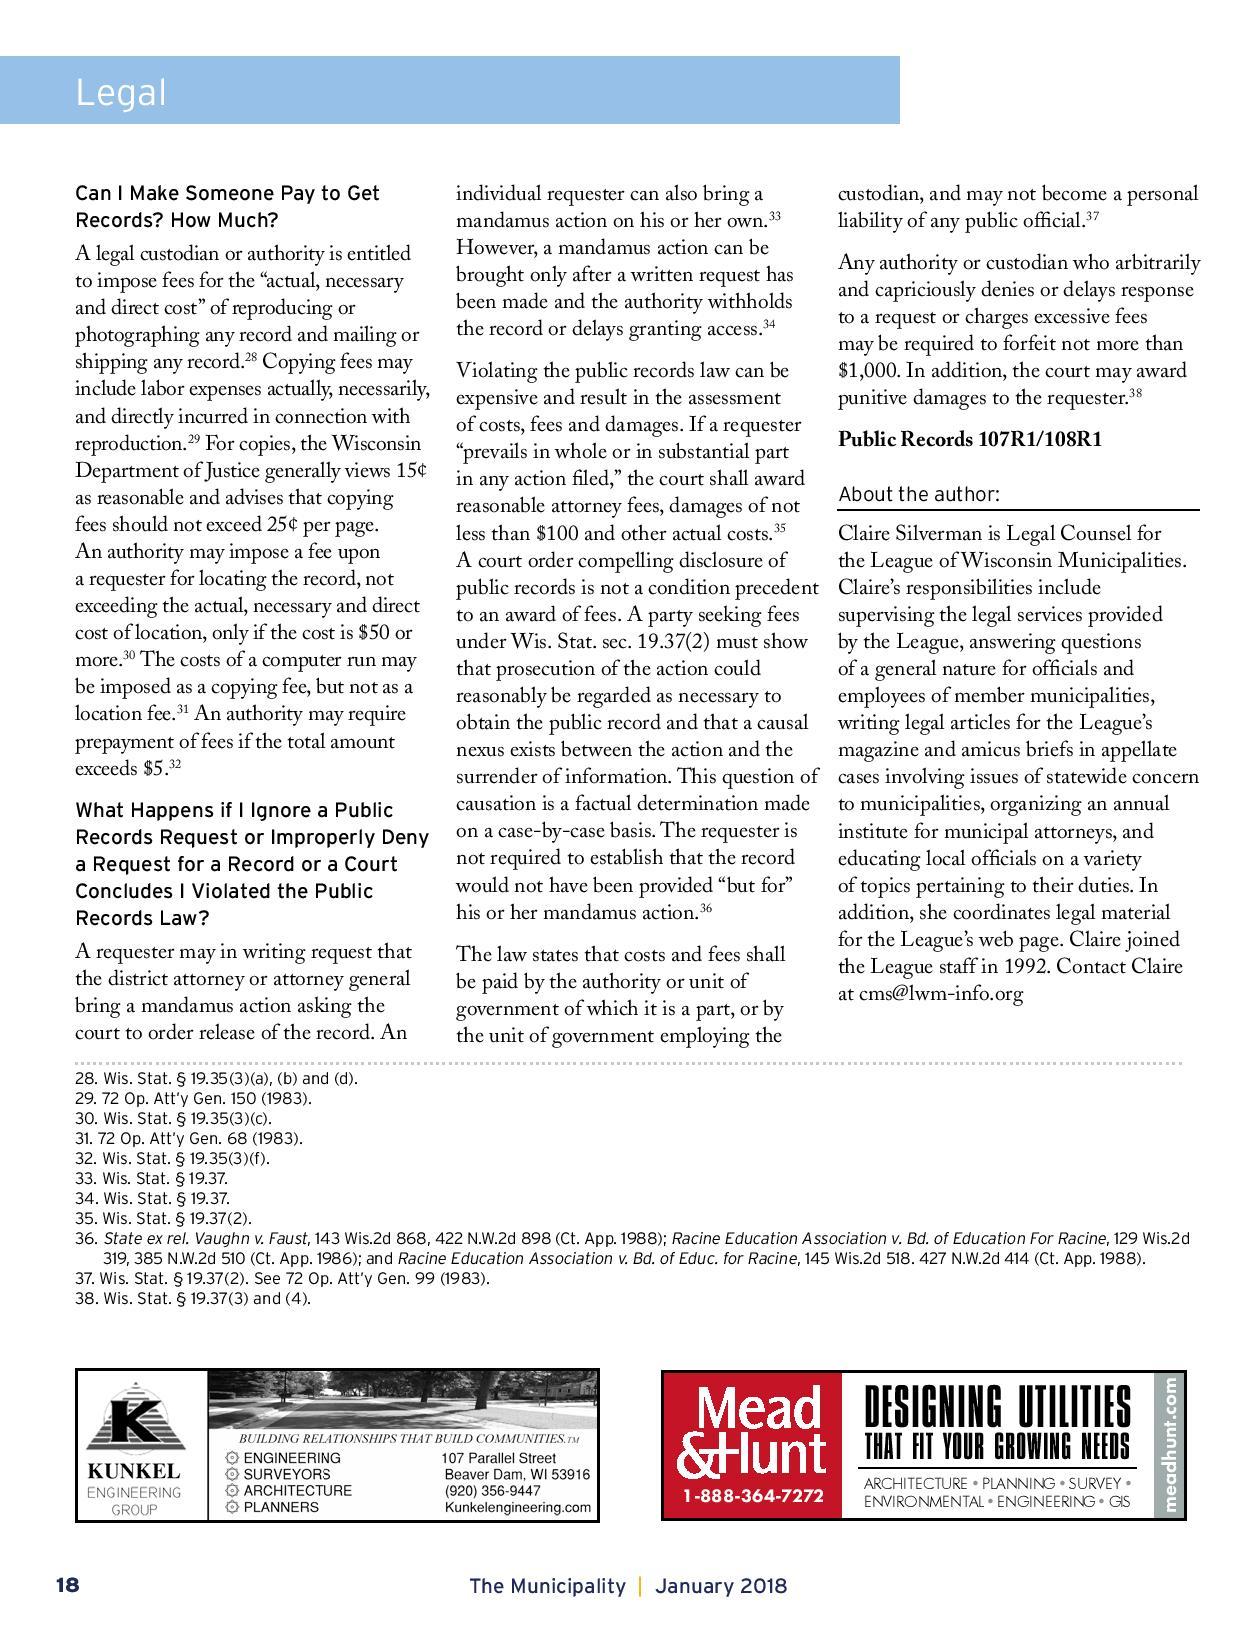 January The Muni MAGAZINE-page-020.jpg